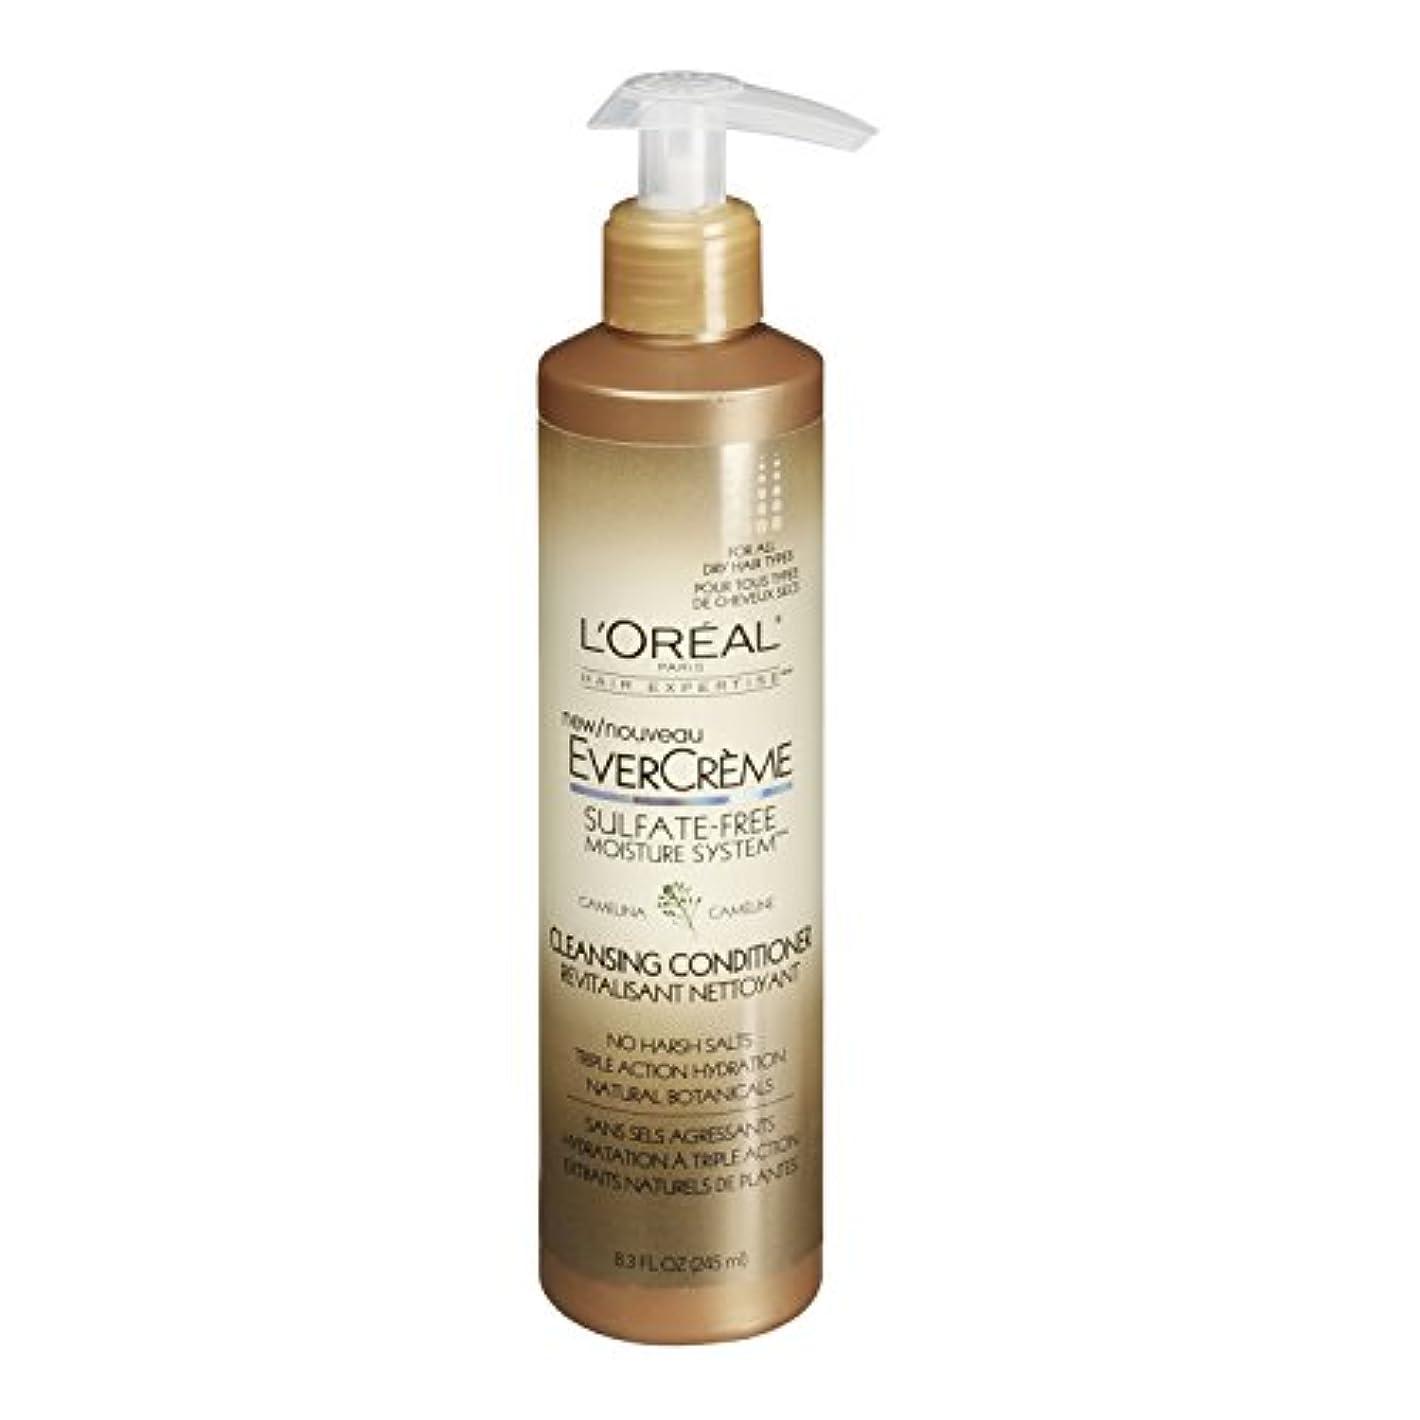 どちらも排他的忘れるL'Oreal Paris EverCreme Sulfate-Free Moisture System Cleansing Conditioner, 8.3 fl. Oz. by L'Oreal Paris Hair...